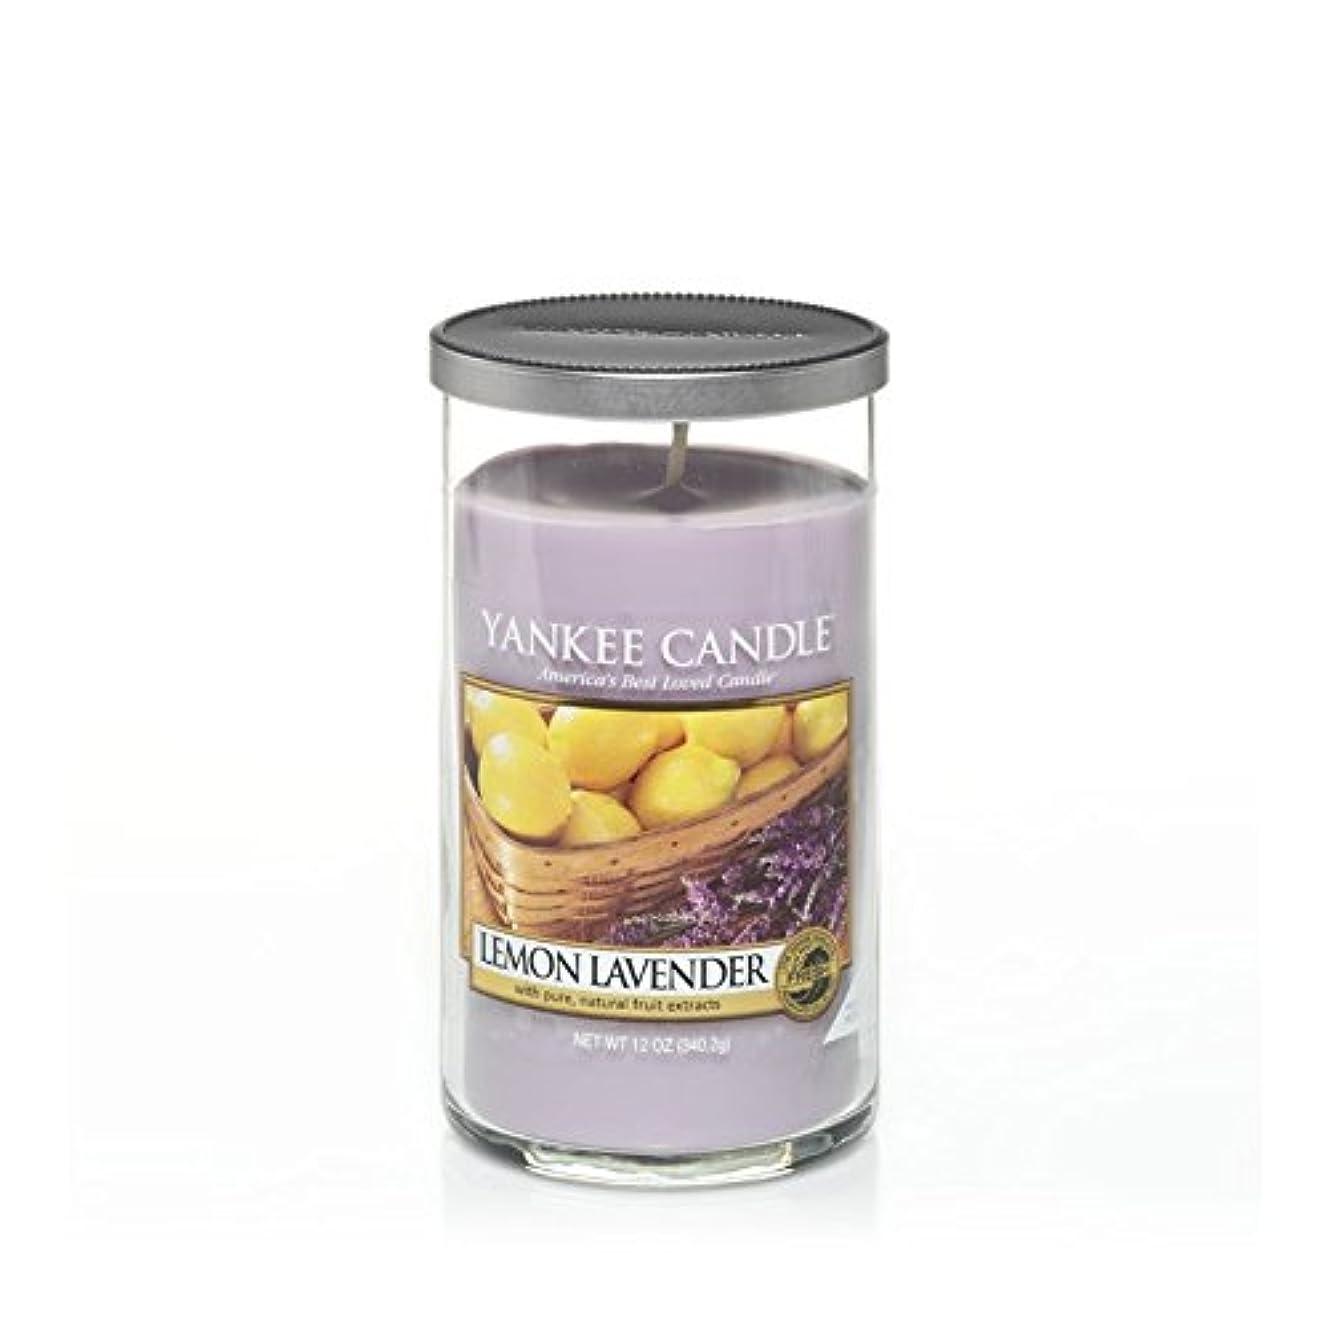 アデレードソケットパラシュートYankee Candles Medium Pillar Candle - Lemon Lavender (Pack of 2) - ヤンキーキャンドルメディアピラーキャンドル - レモンラベンダー (x2) [並行輸入品]